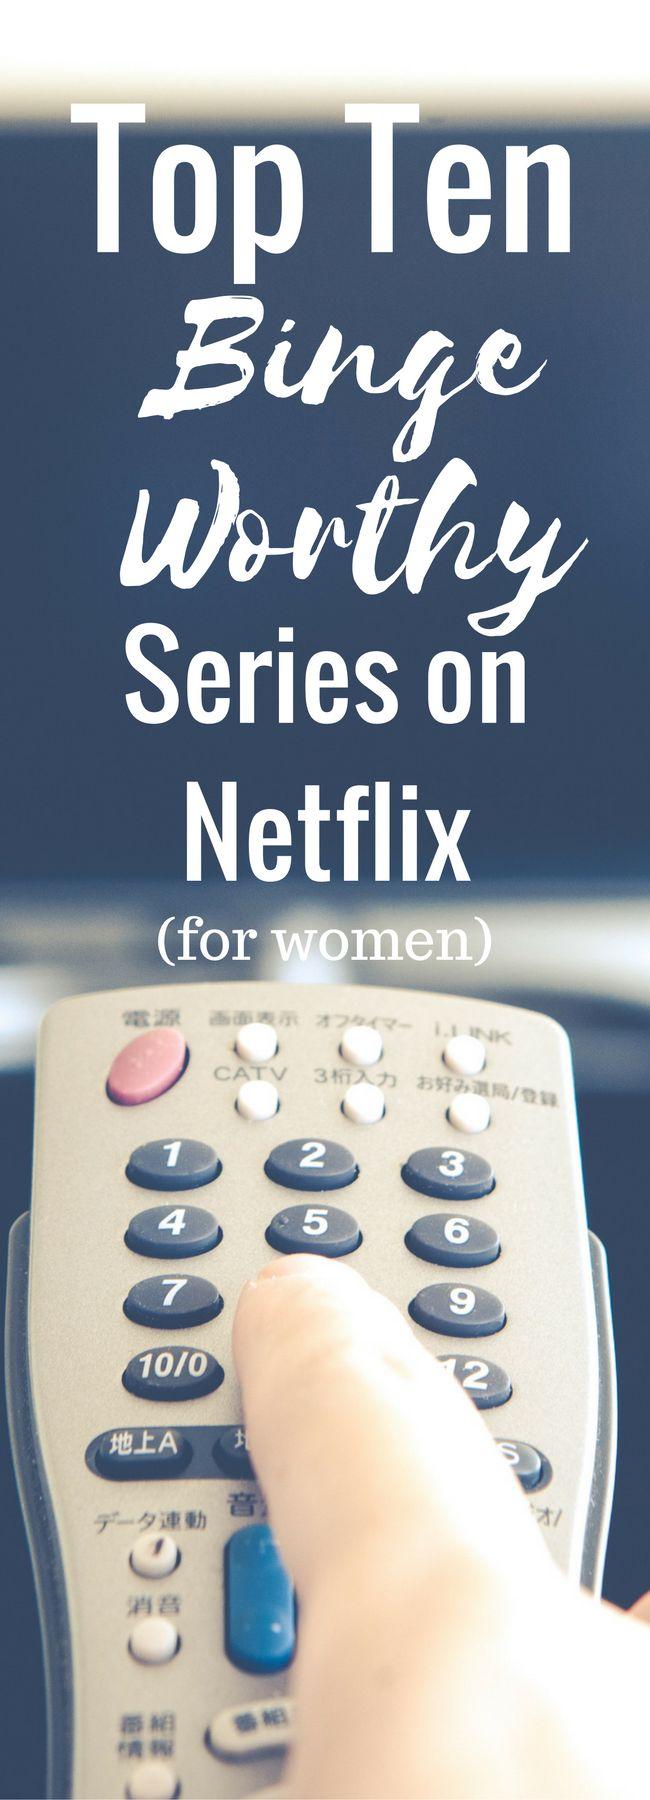 Netflix / Best Netflix Shows / Best Netflix Series / netflix addiction / netflix shows / netflix shows for women / netflix guide / netflix 2017